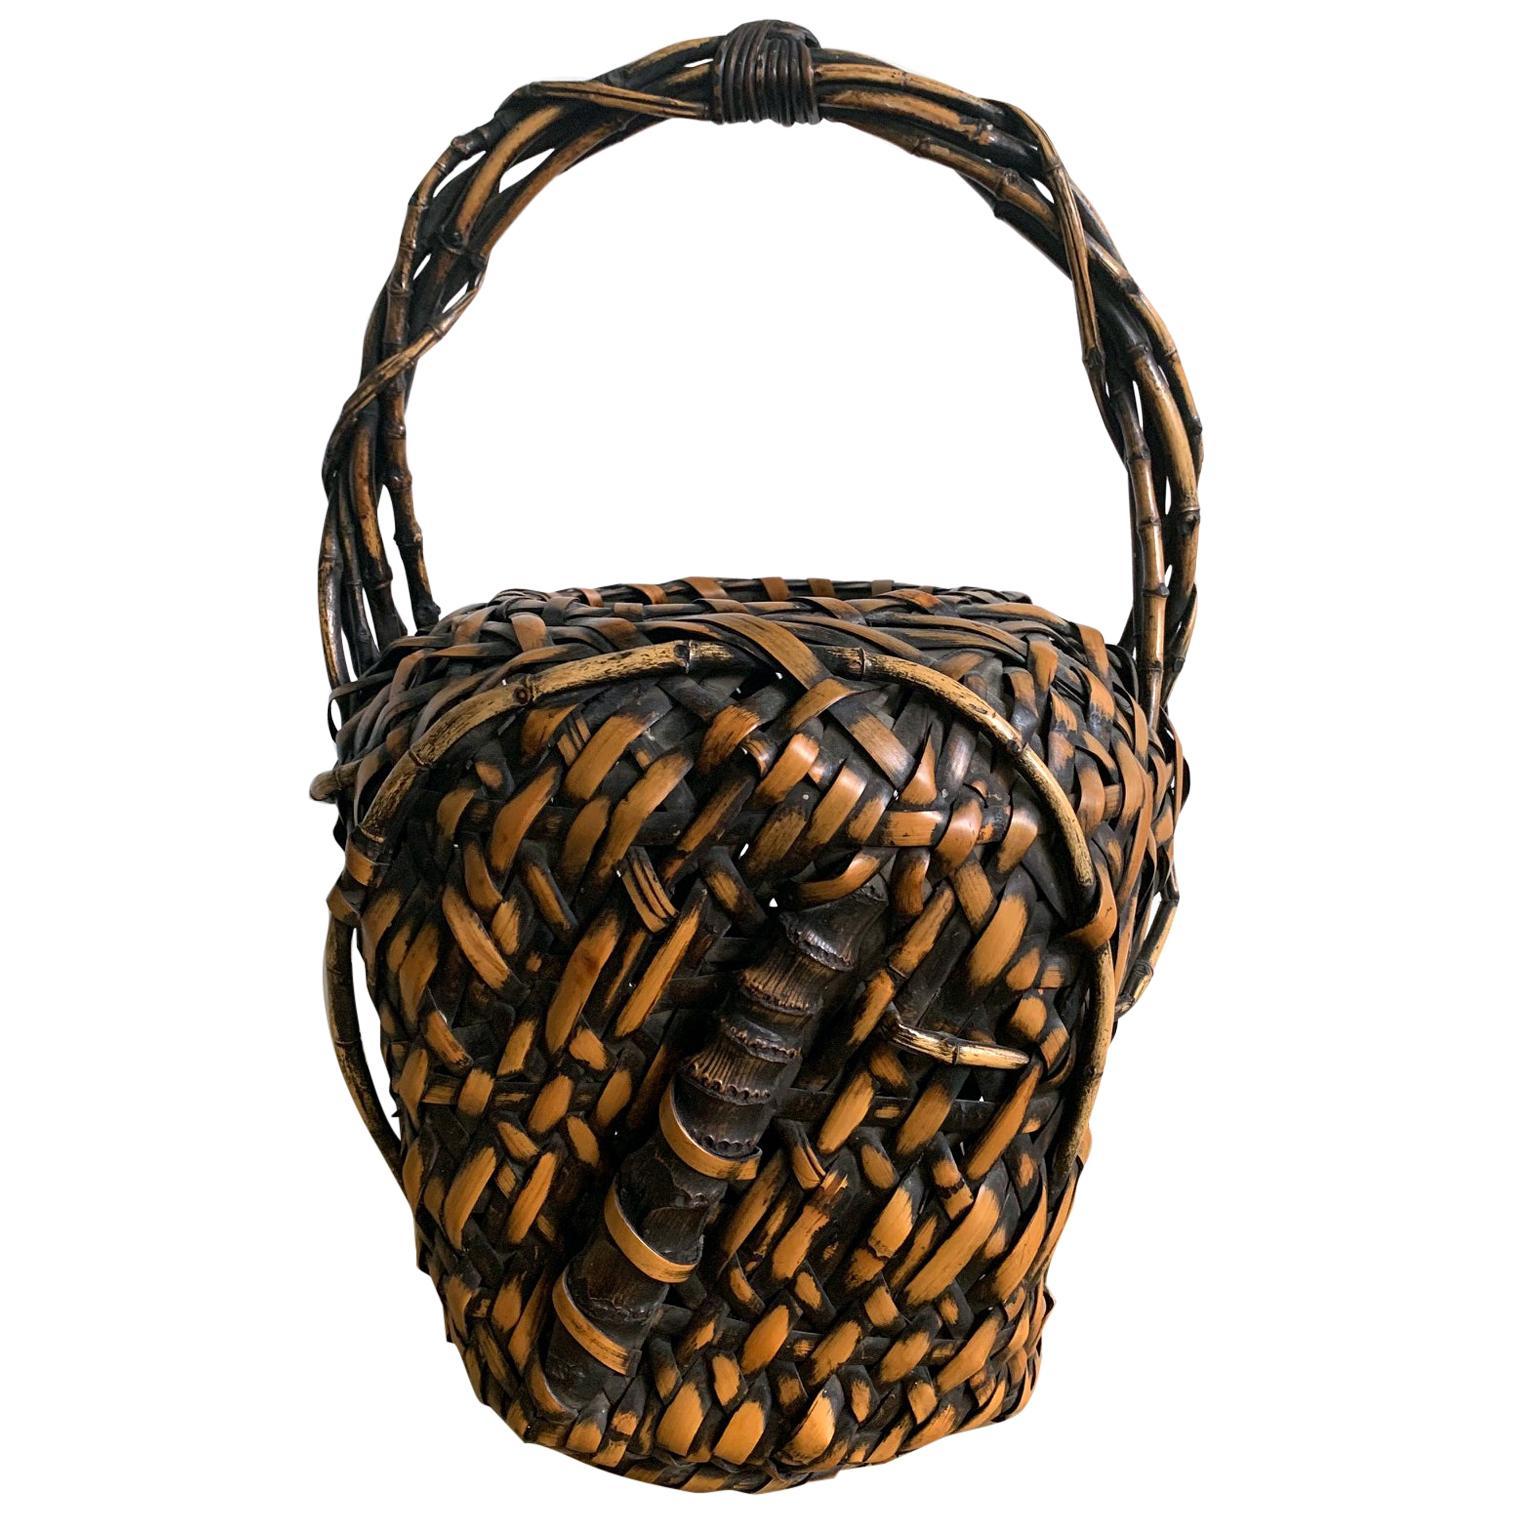 Antique Japanese Bamboo Ikebana Basket of Mingei Style